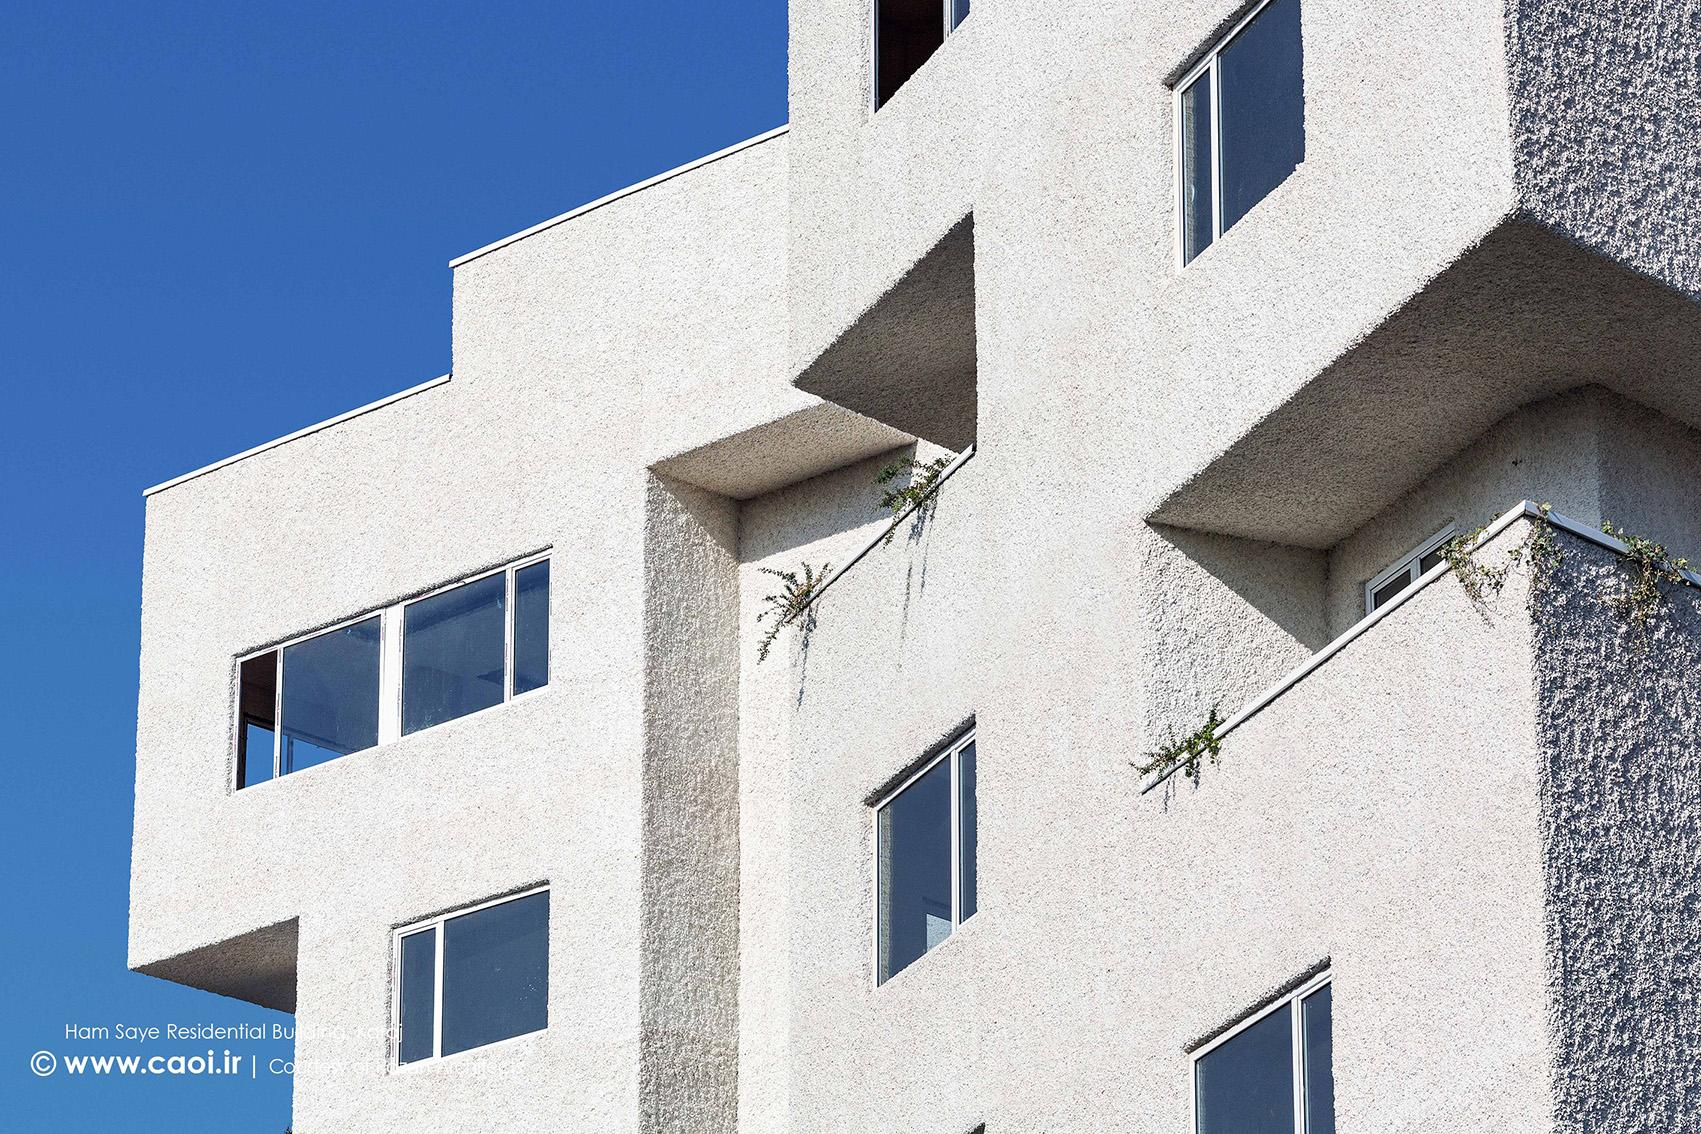 نمای ساختمان مسکونی همسایه,نمای مجتمع مسکونی,طراحی نمای مجتمع مسکونی